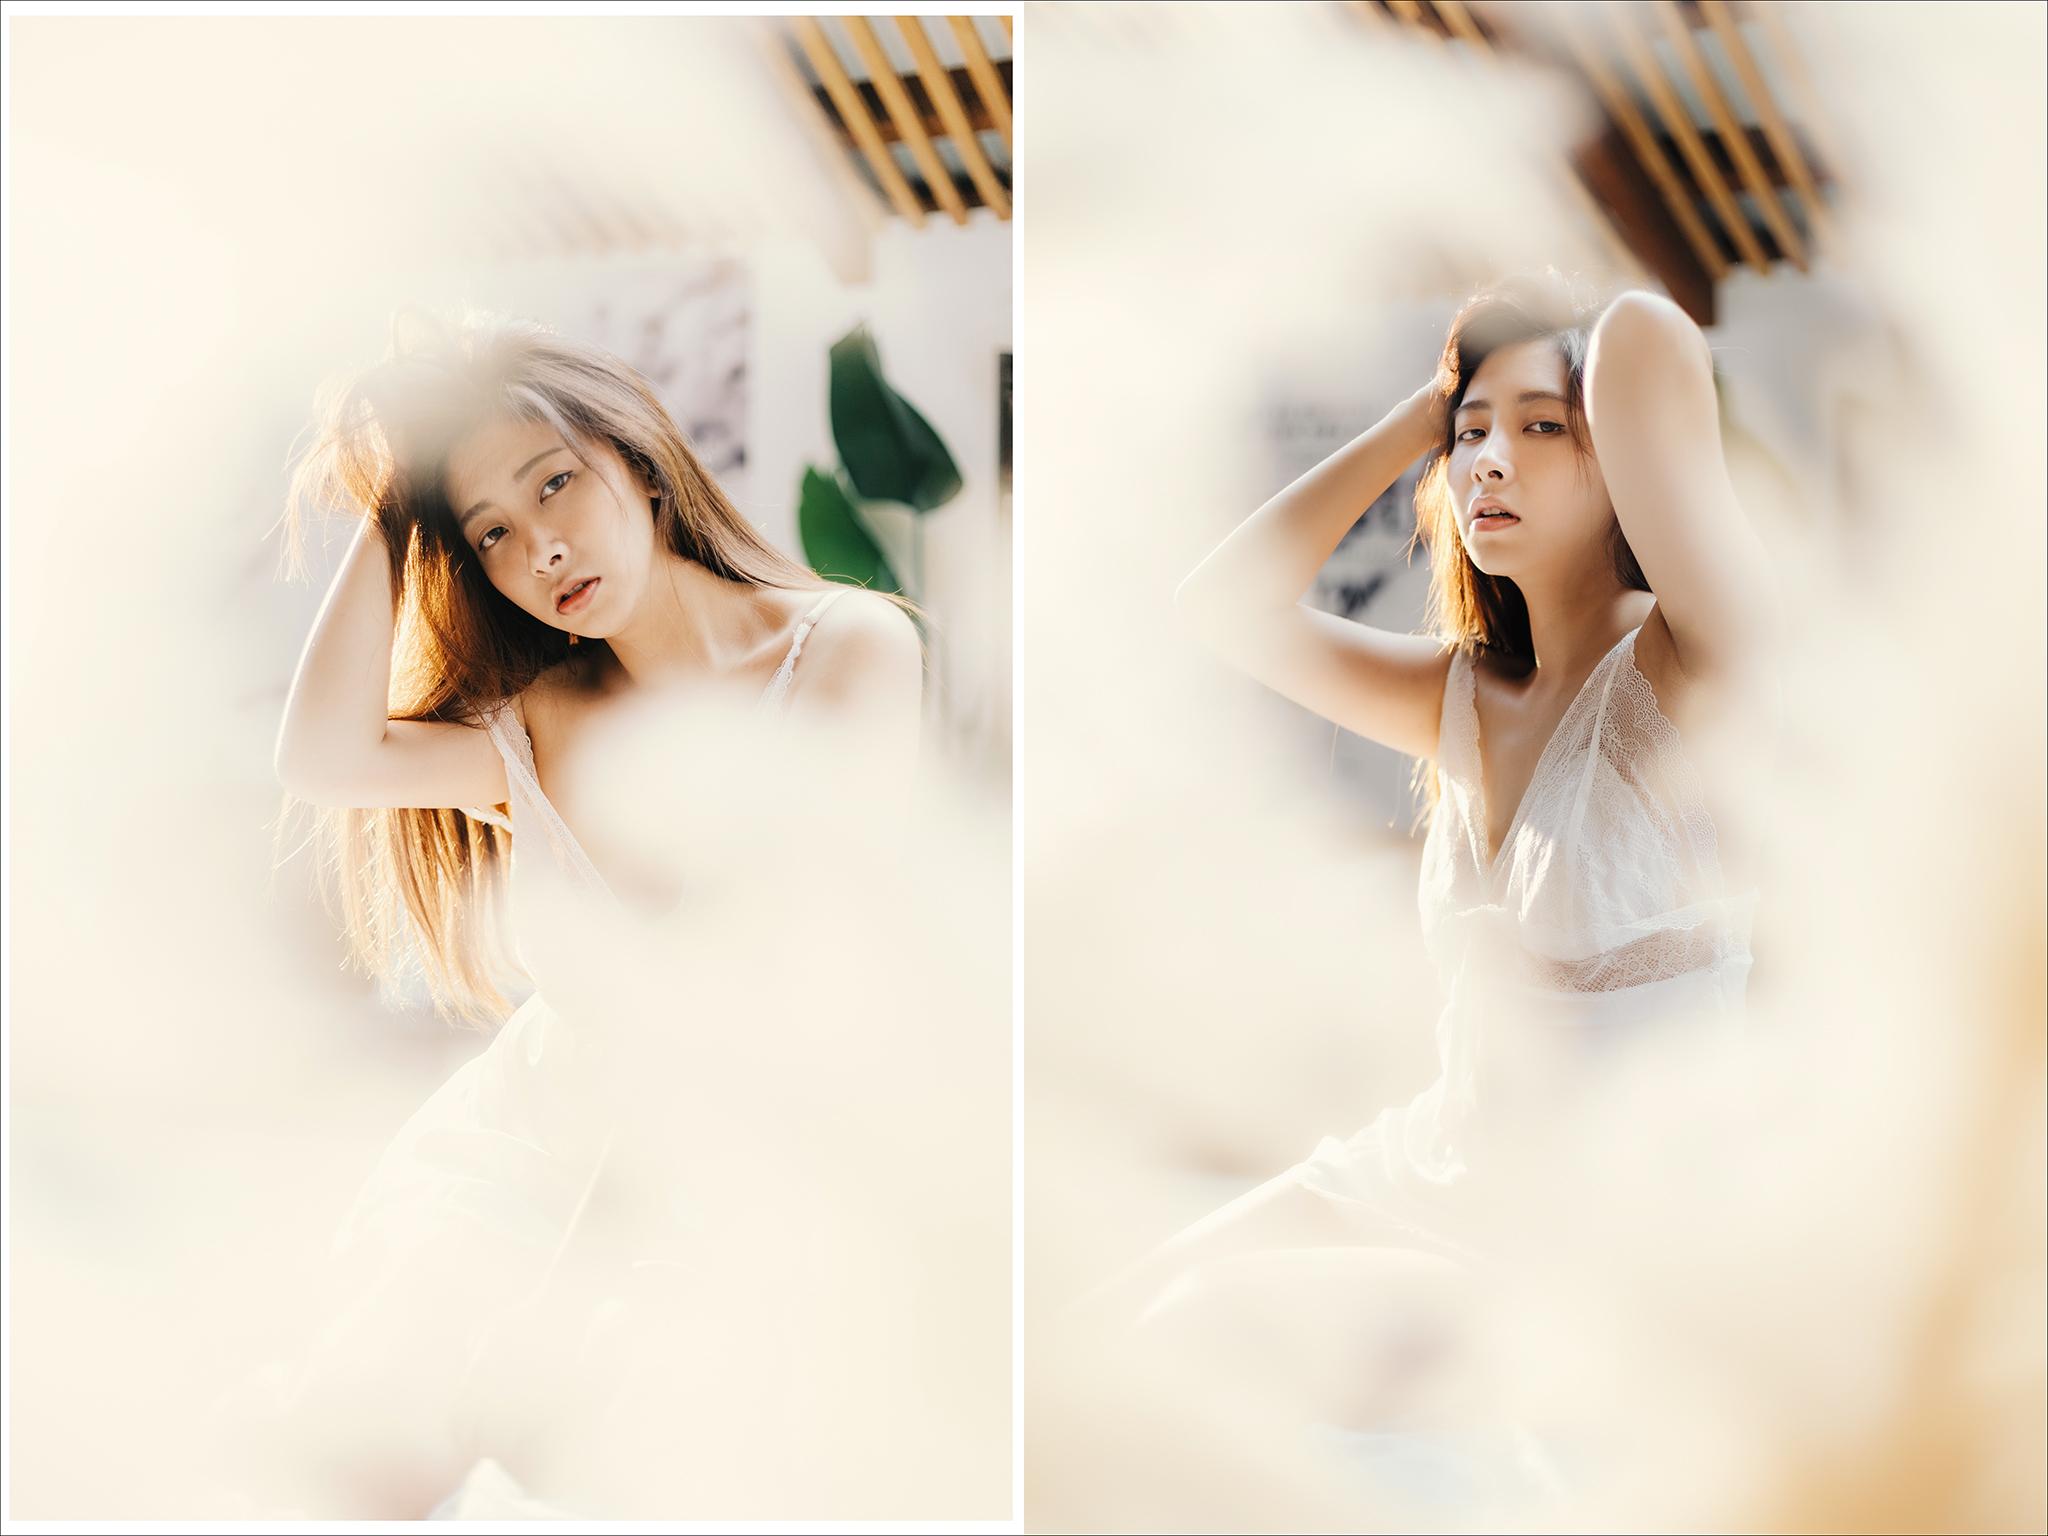 51375755670 e9968a62c0 o - 【寫真】+Angel+